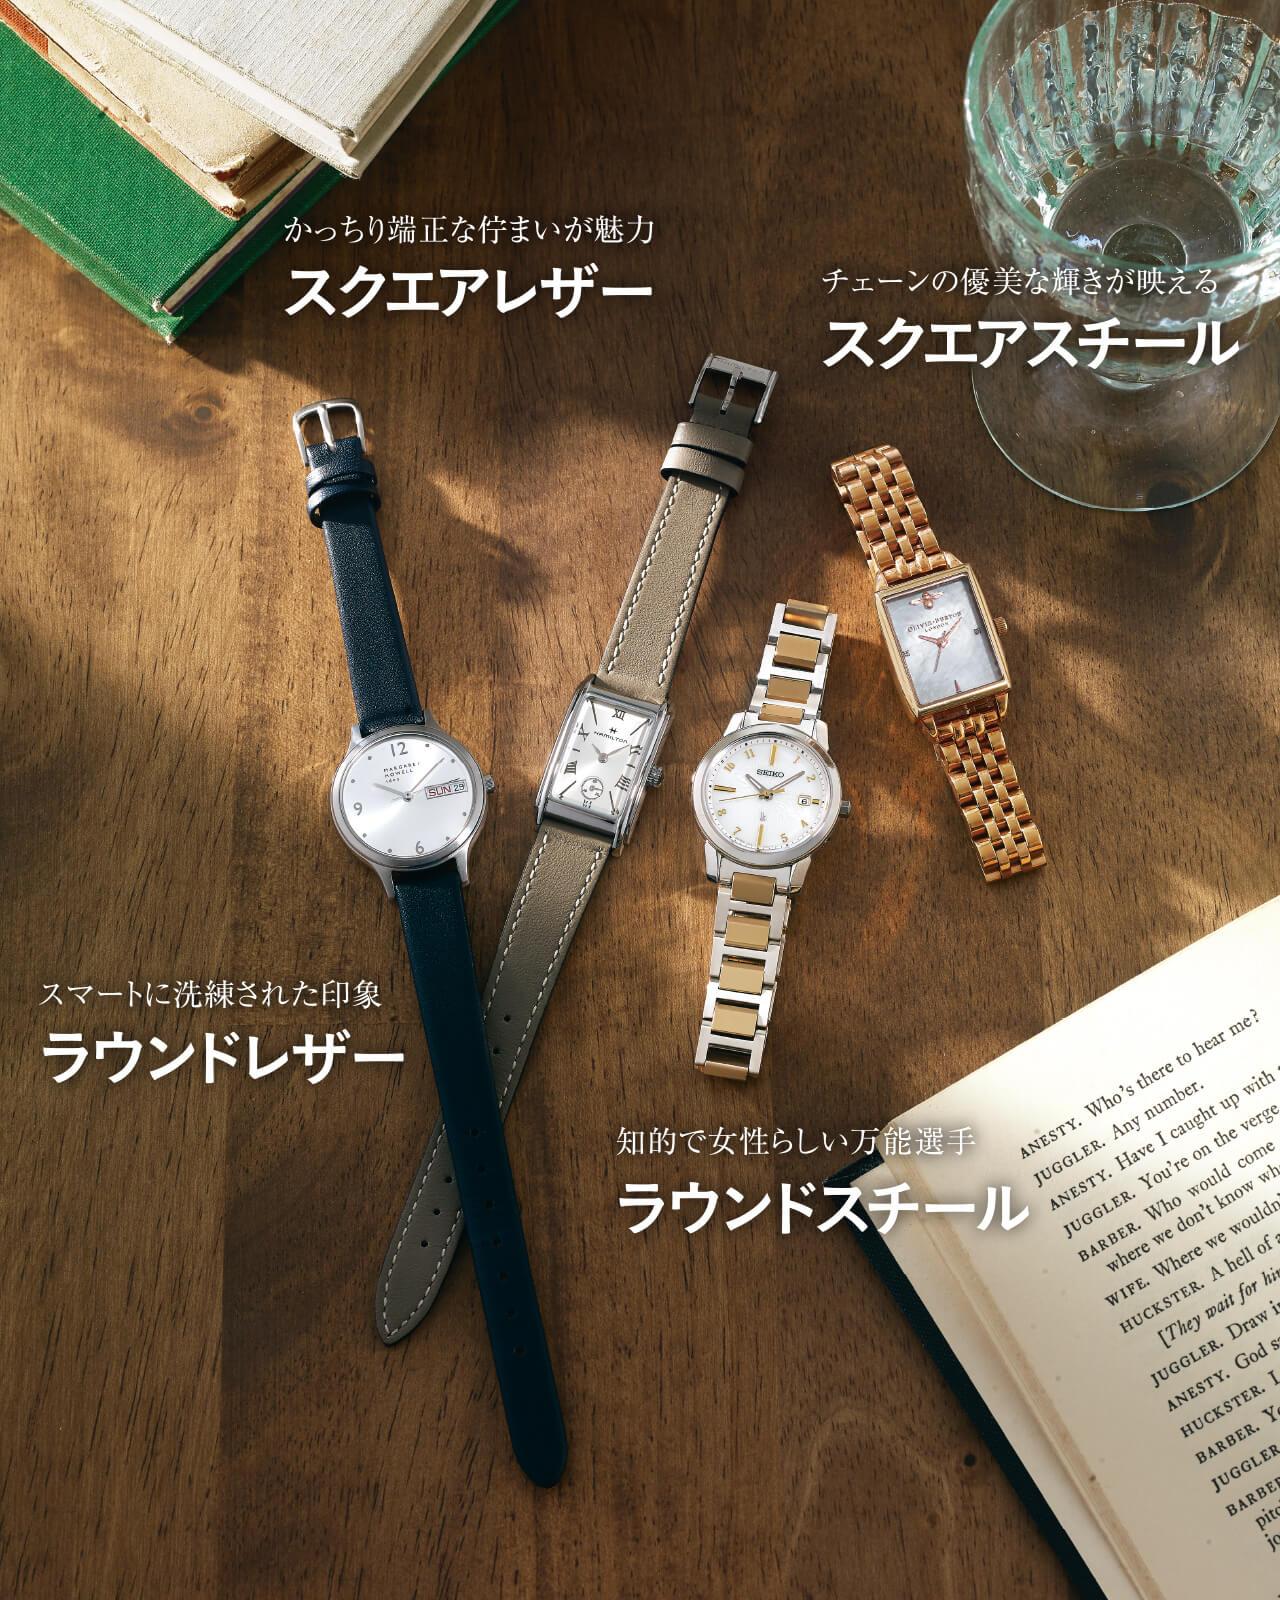 チェーンの優美な輝きが映える スクエアスチール 時計(SS、26×21㎜)¥26400/オリビア・バートン グランフロント大阪店(オリビア・バートン) 知的で女性らしい万能選手 ラウンドスチール 時計(チタン、28㎜)¥85800/セイコーウオッチお客様相談室(セイコー ルキア) かっちり端正な佇まいが魅力 スクエアレザー 時計(SS×牛革、27×18.7㎜)¥66000/ハミルトン/スウォッチ グループ ジャパン スマートに洗練された印象 ラウンドレザー 時計(SS×レザー、30mm)¥34100/マーガレット・ハウエル(マーガレット・ハウエル)